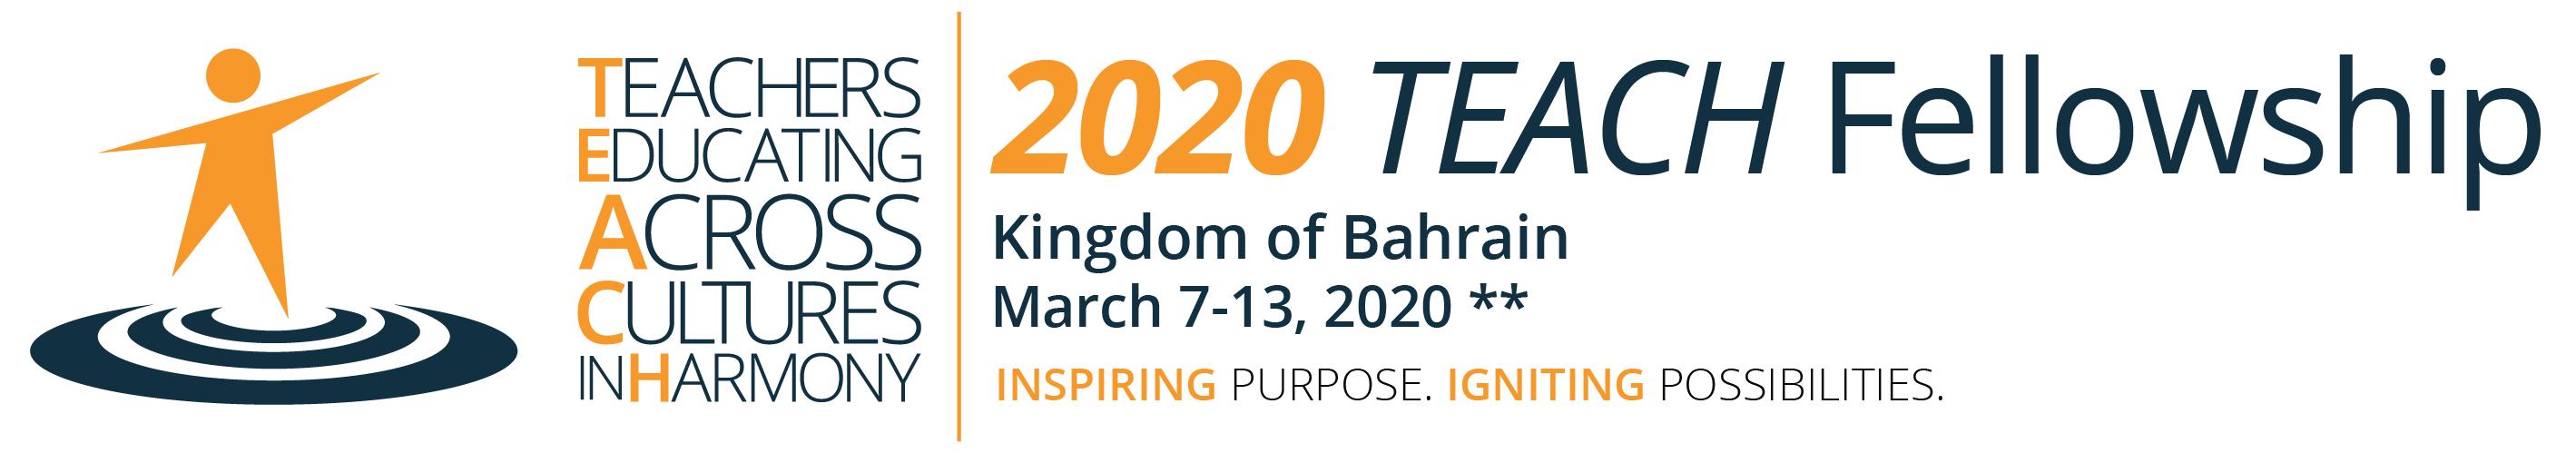 2020 TEACH Fellowship Header March 7-13, 2020